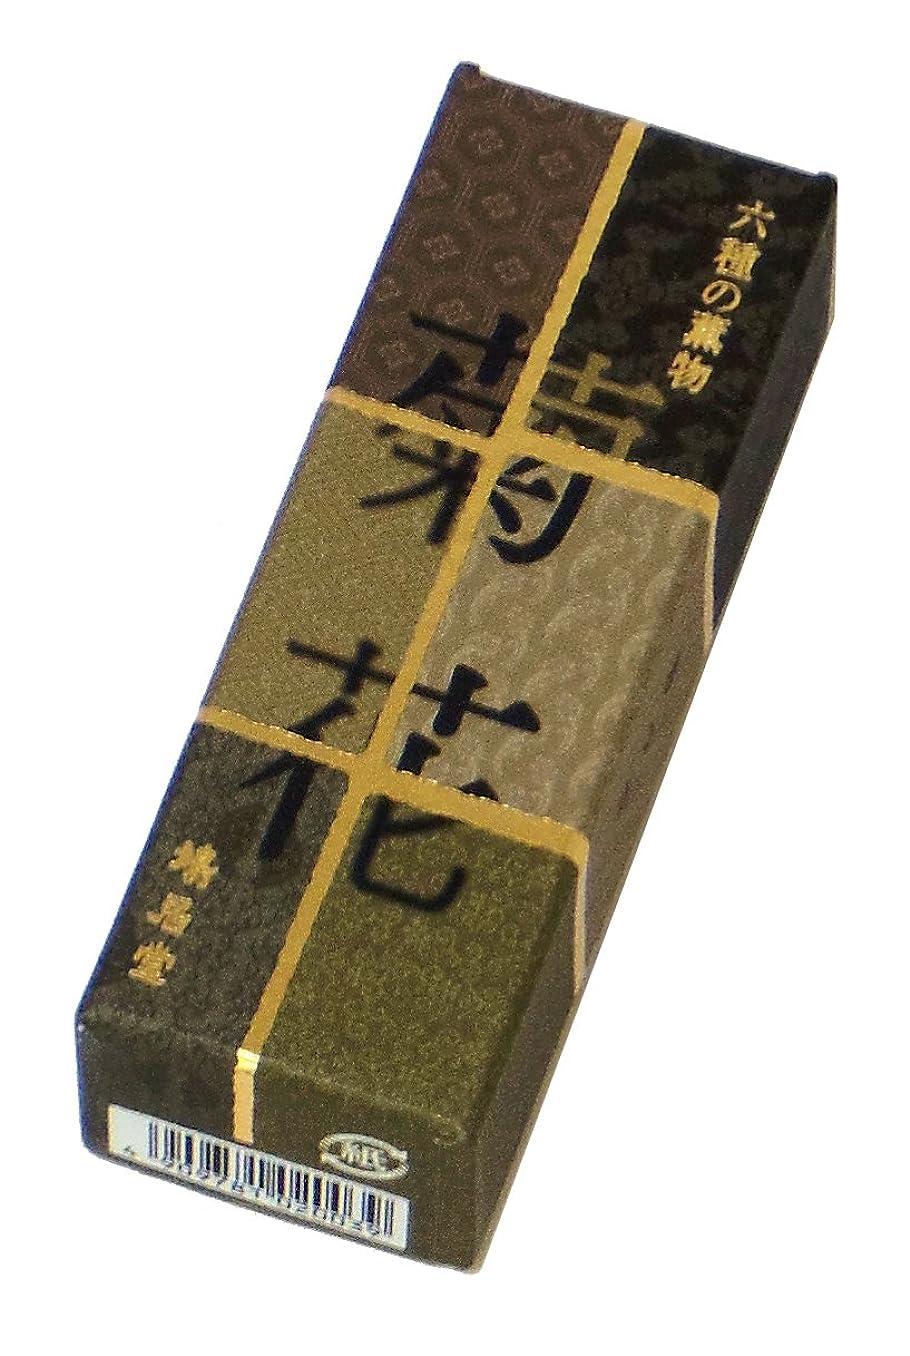 埋め込む発見する誓い鳩居堂のお香 六種の薫物 菊花 20本入 6cm